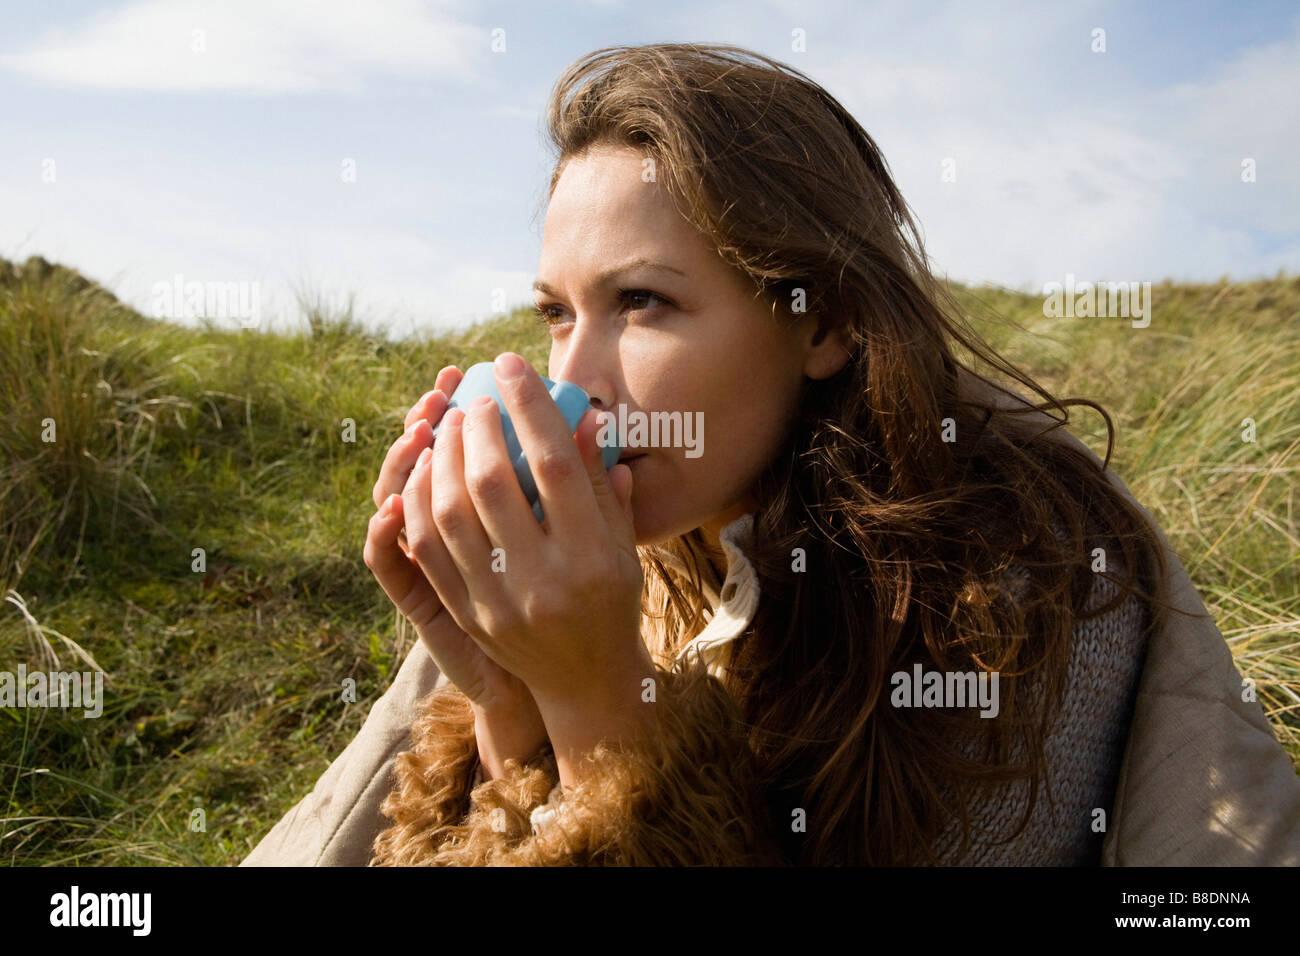 Donna all'aperto con bevande Immagini Stock